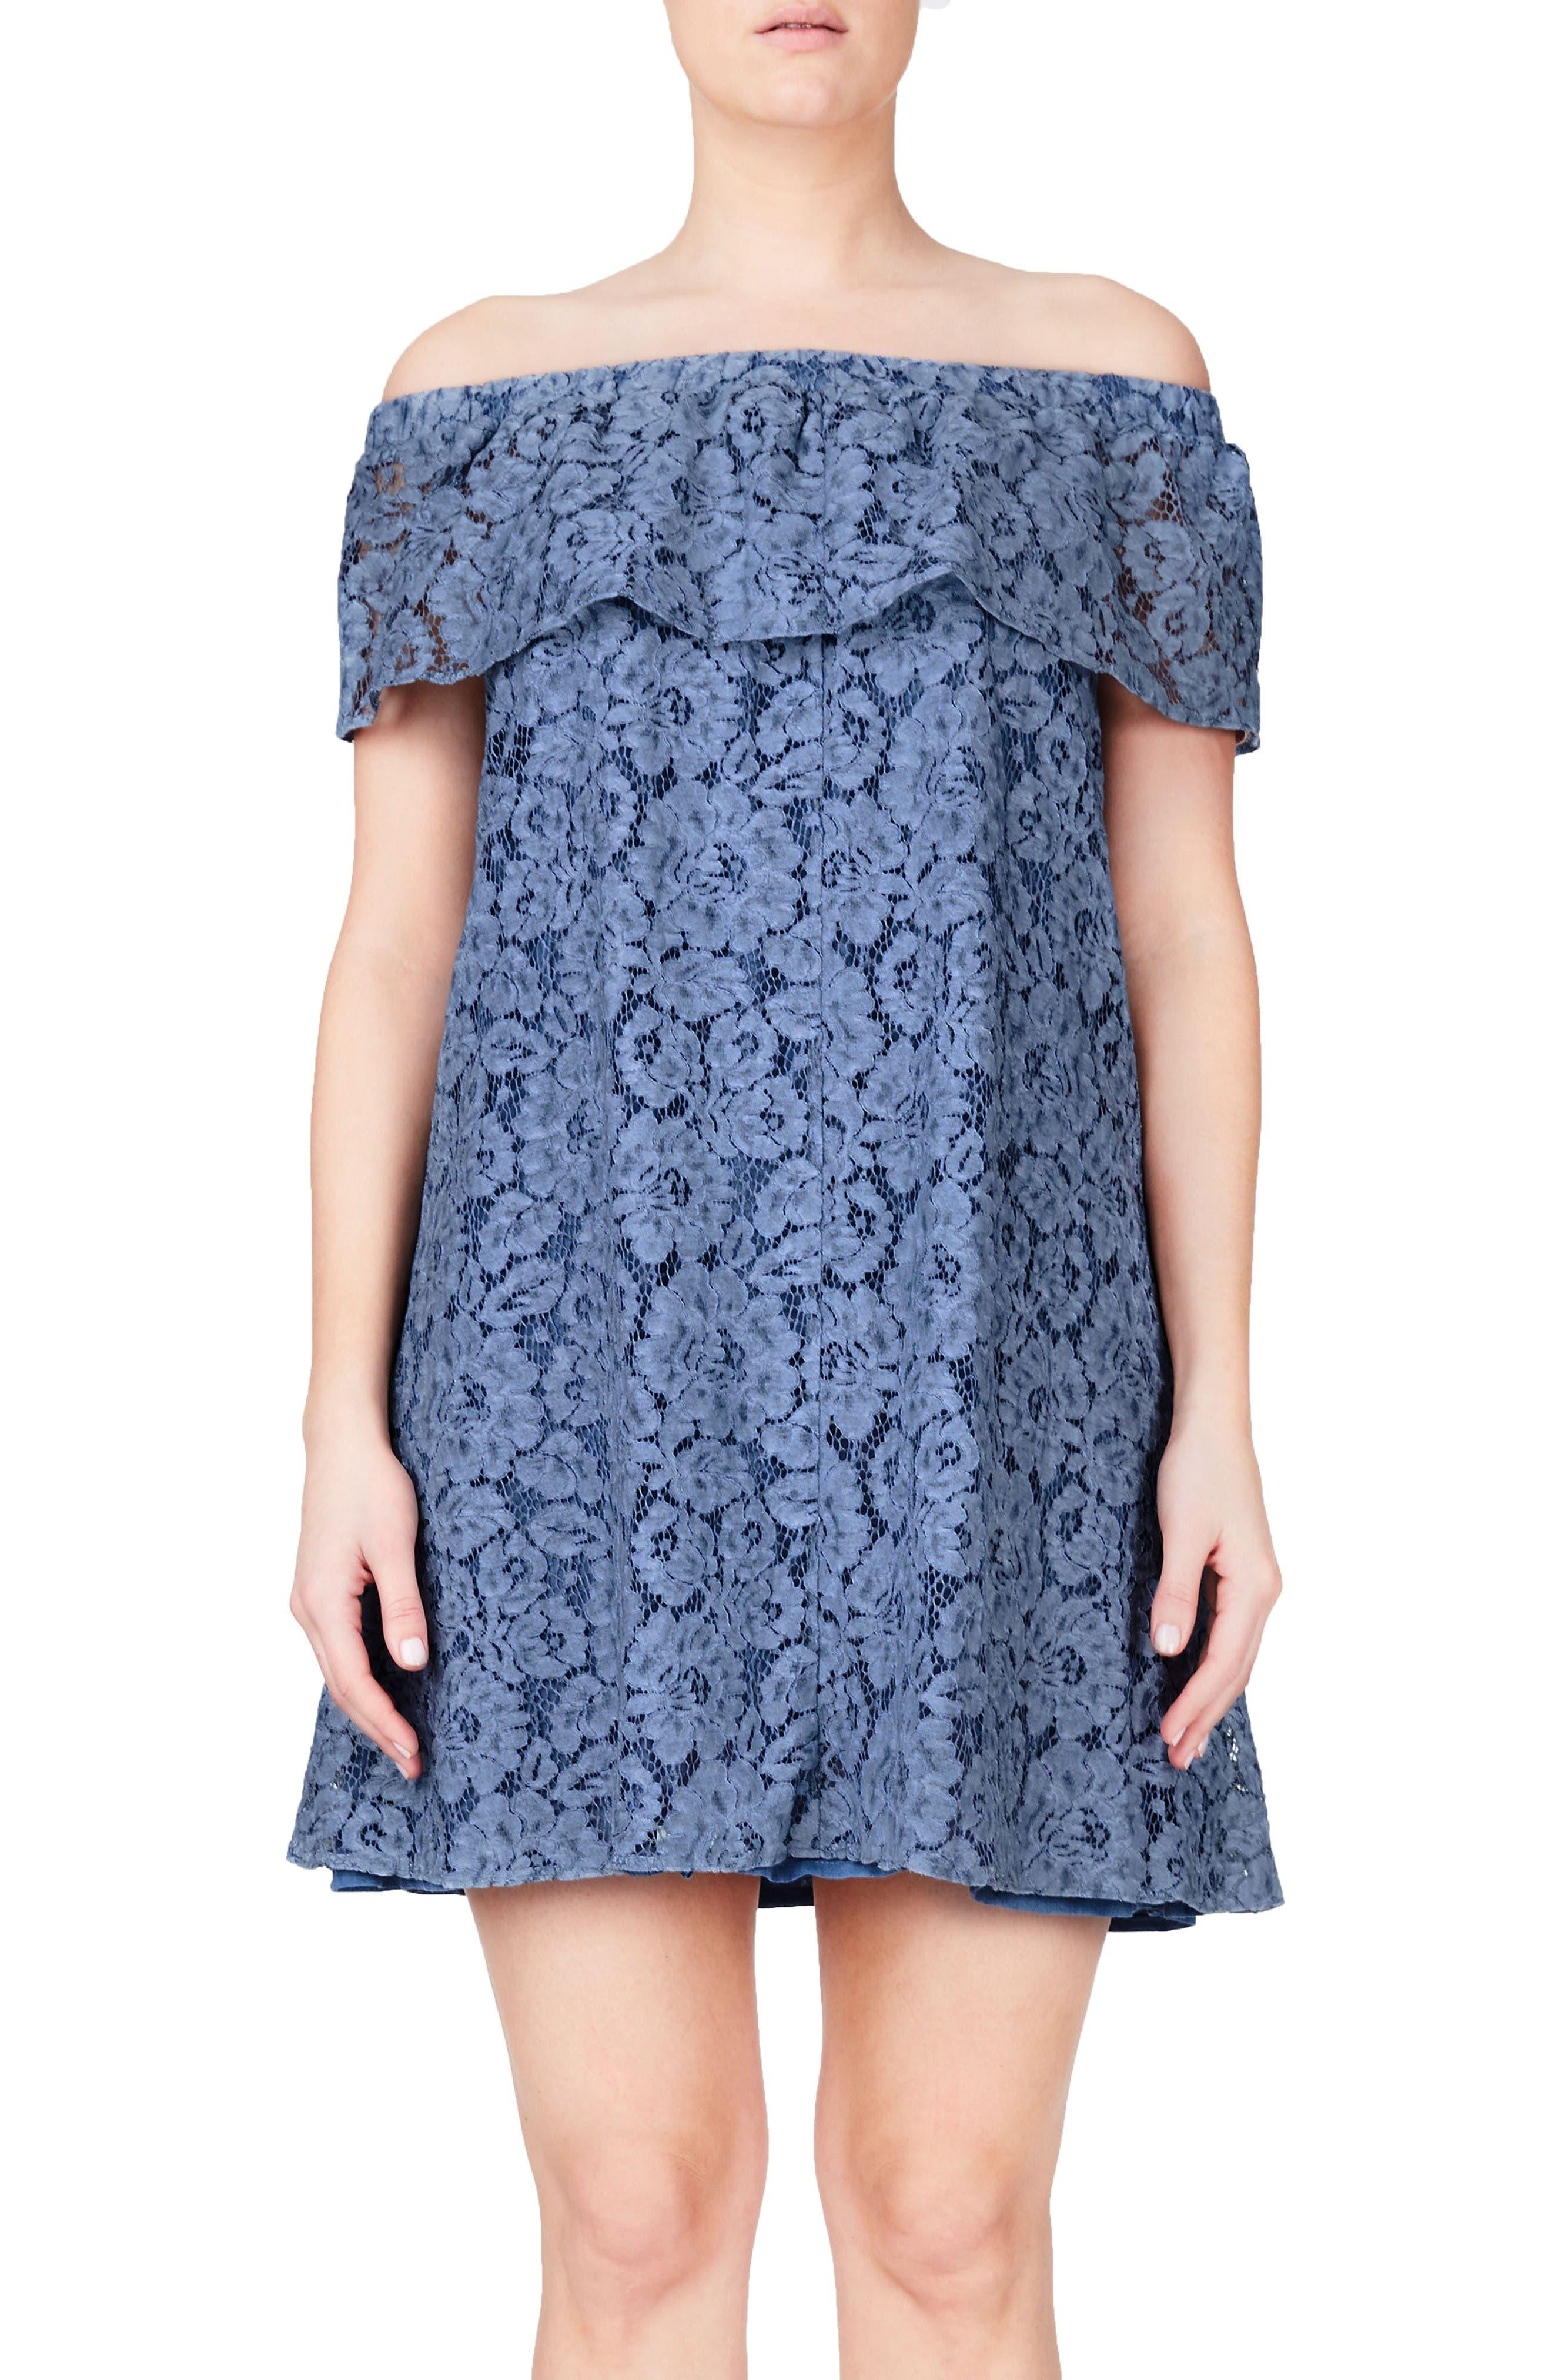 ELVI Bardot Lace Off the Shoulder A-Line Dress (Plus Size)